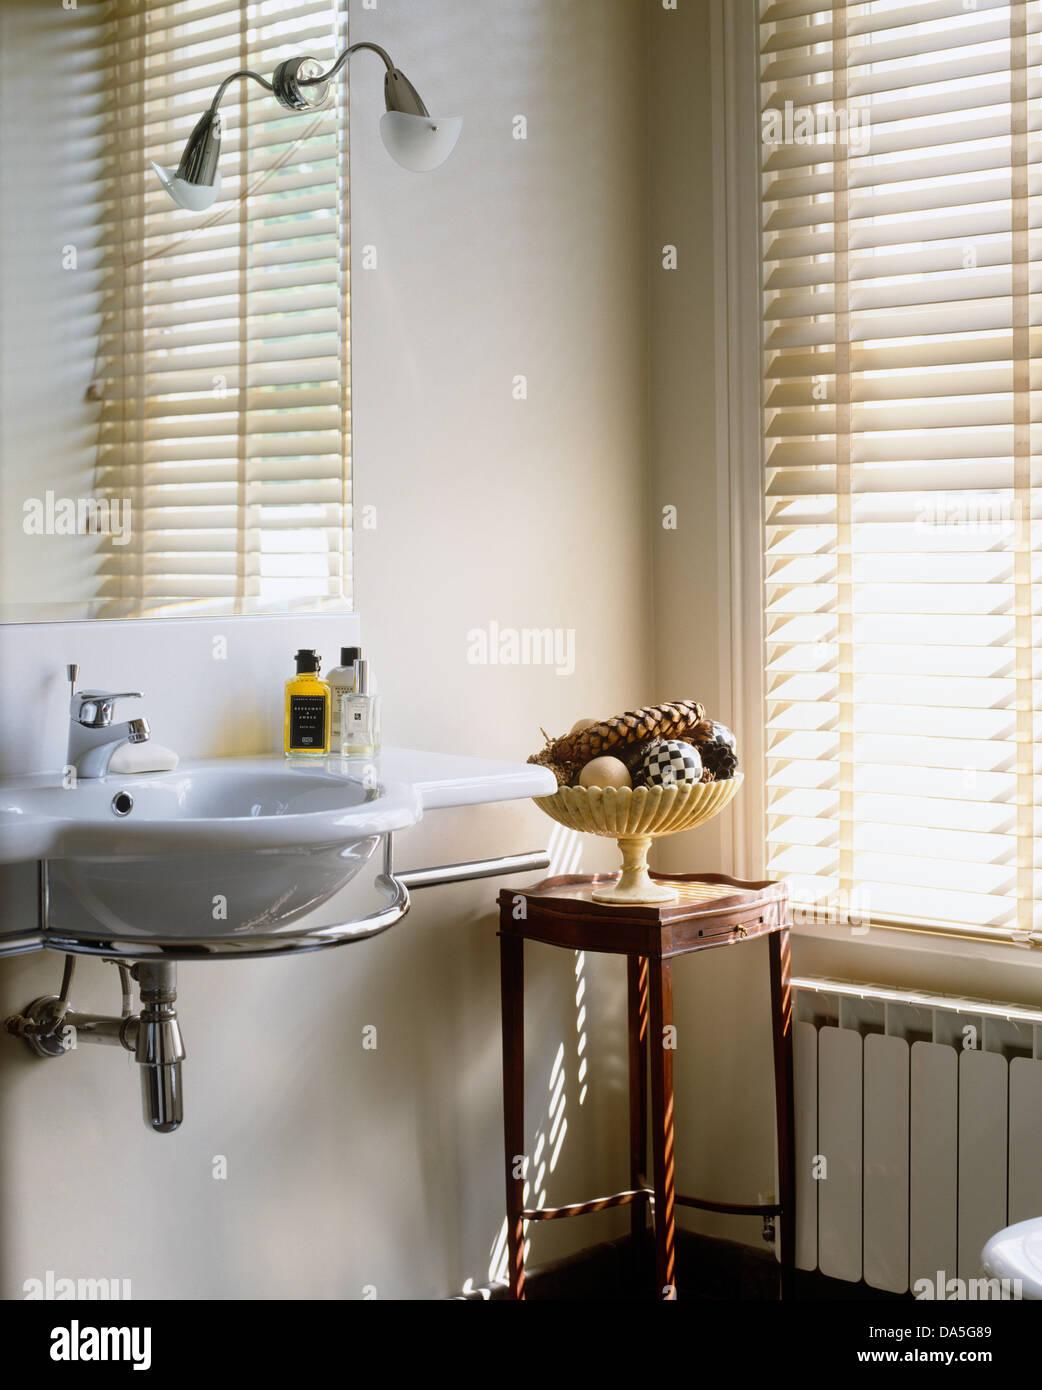 Al di sopra dello specchio piccolo lavandino in acciaio inox mensola in bagno moderno con vaso - Lavandino bagno moderno ...